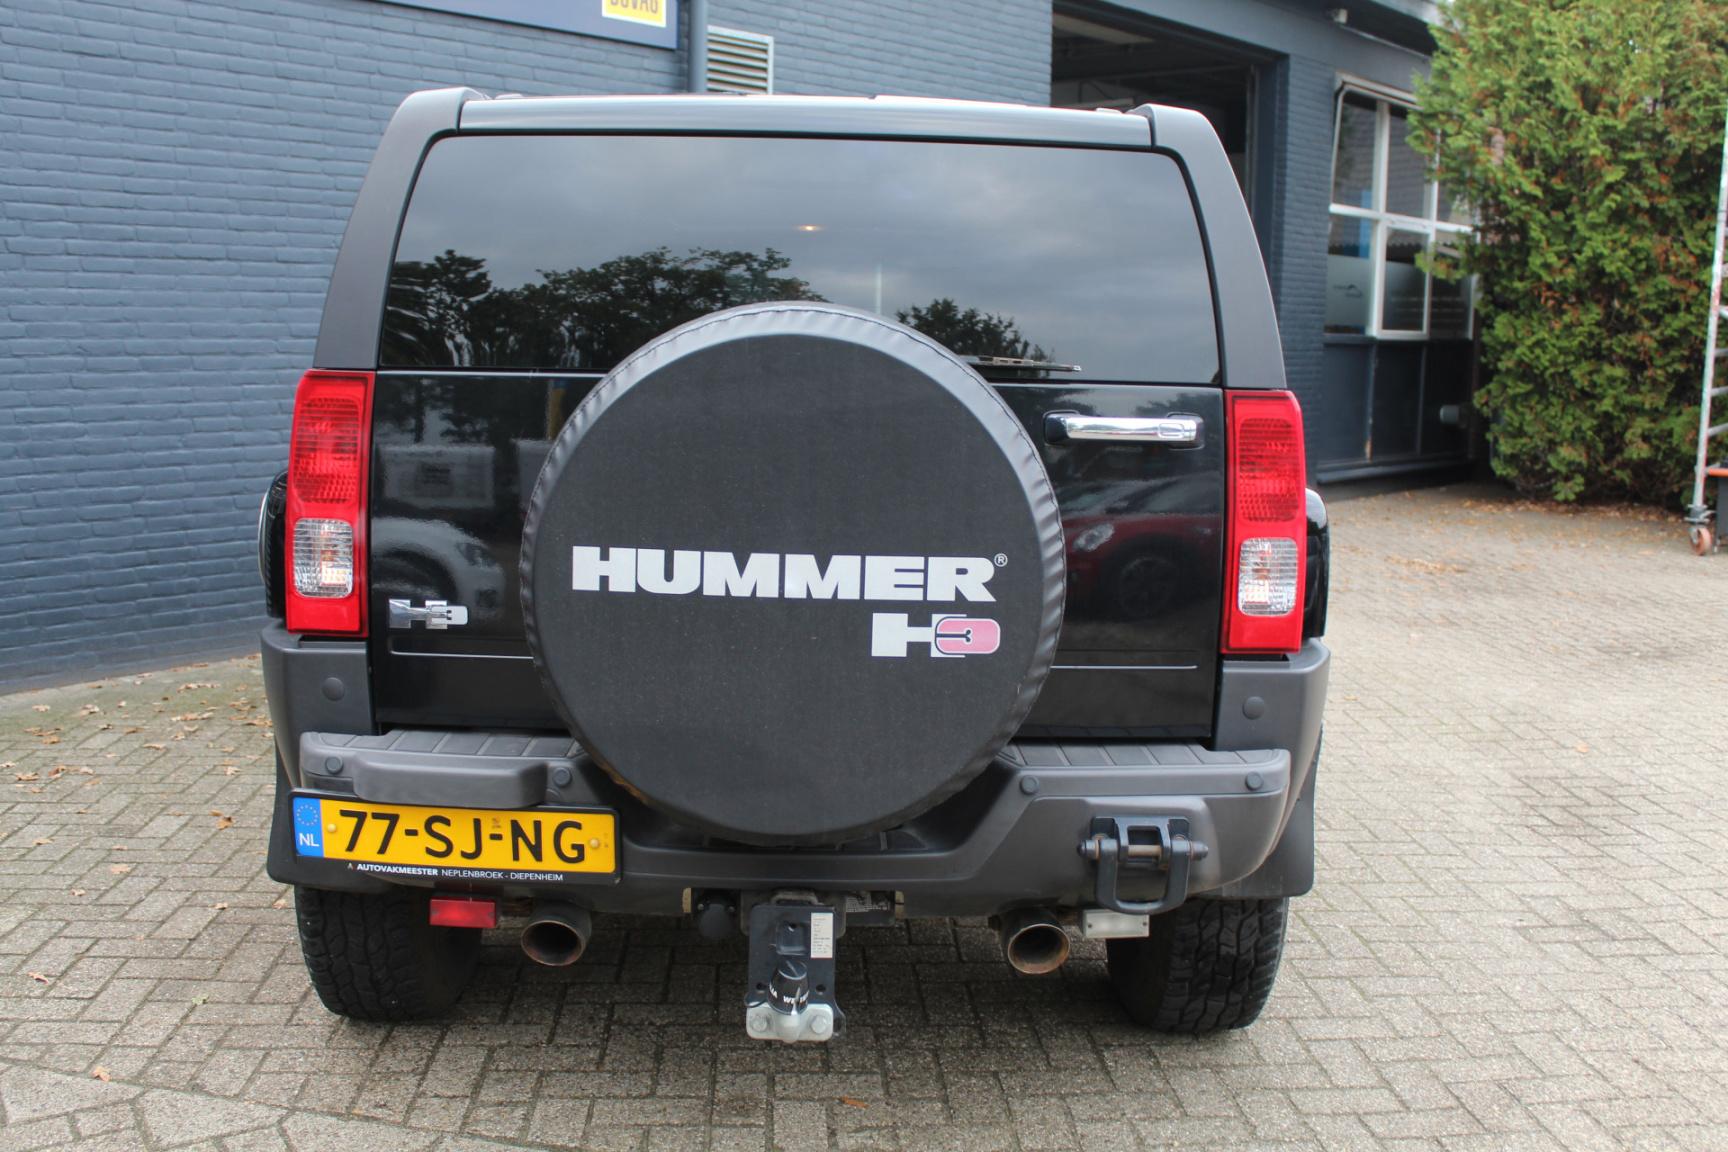 Hummer-H3-22